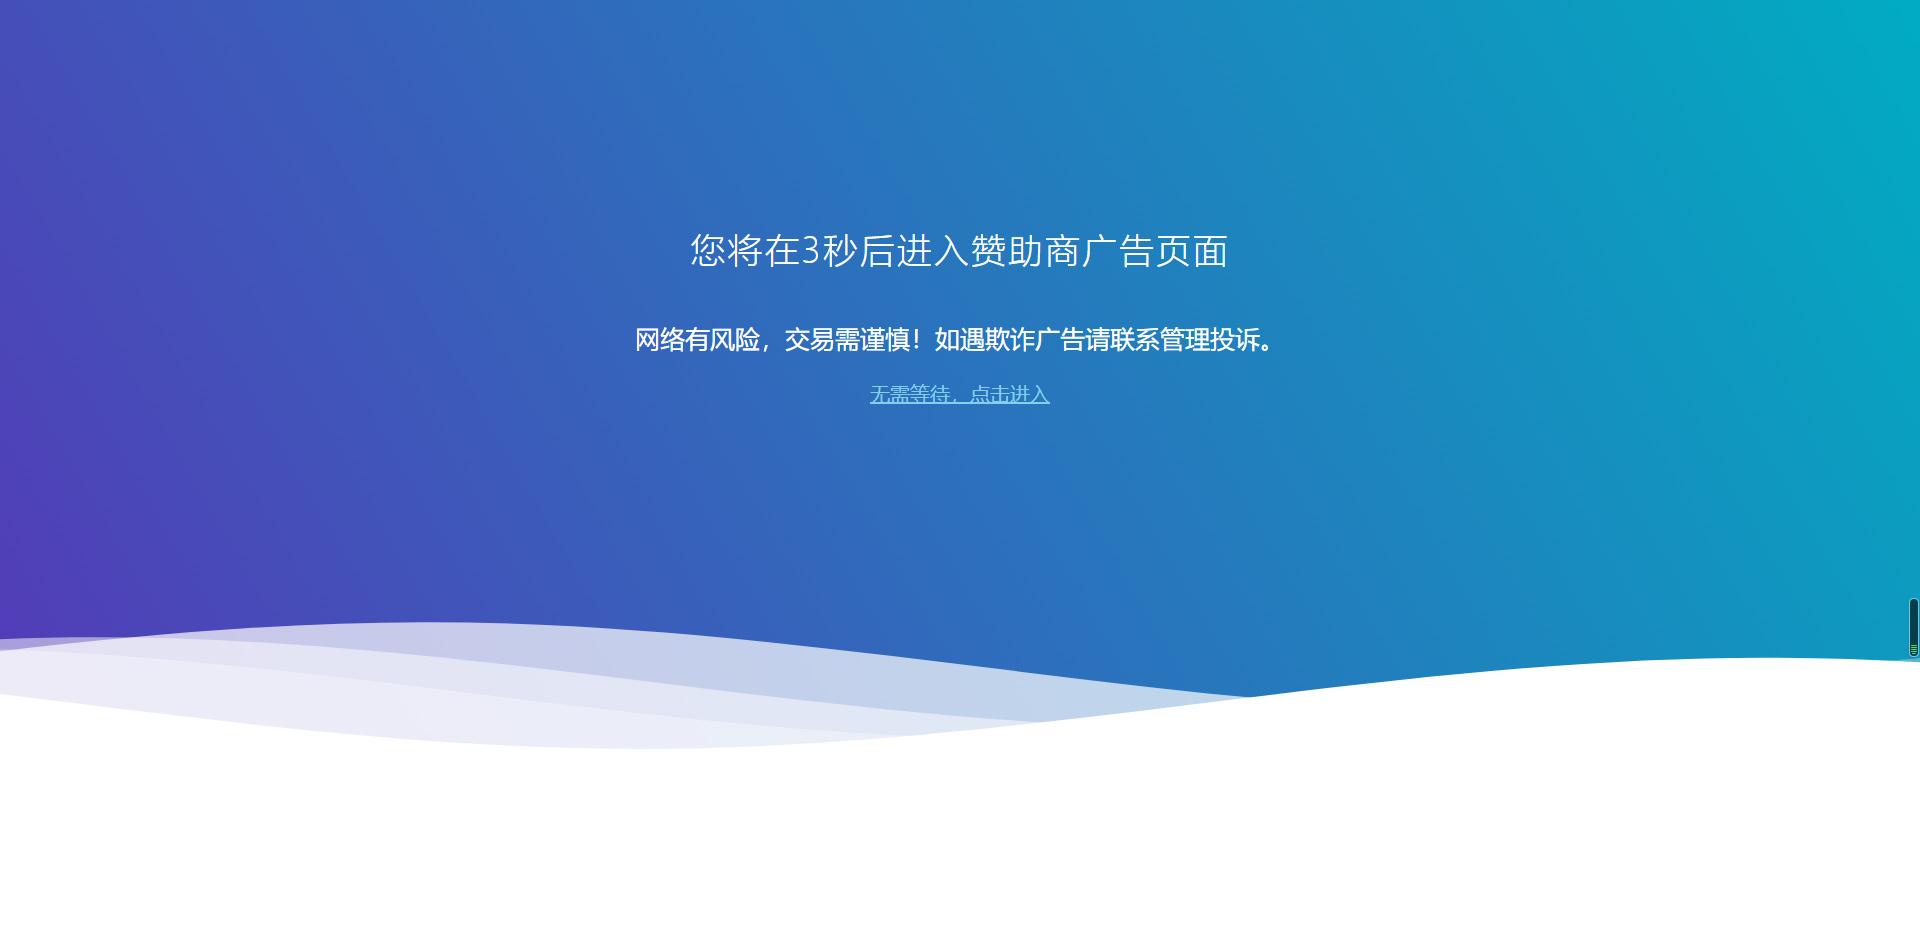 【安全跳转】首发广告跳转安全警告提示HTML网页源码-找主题源码